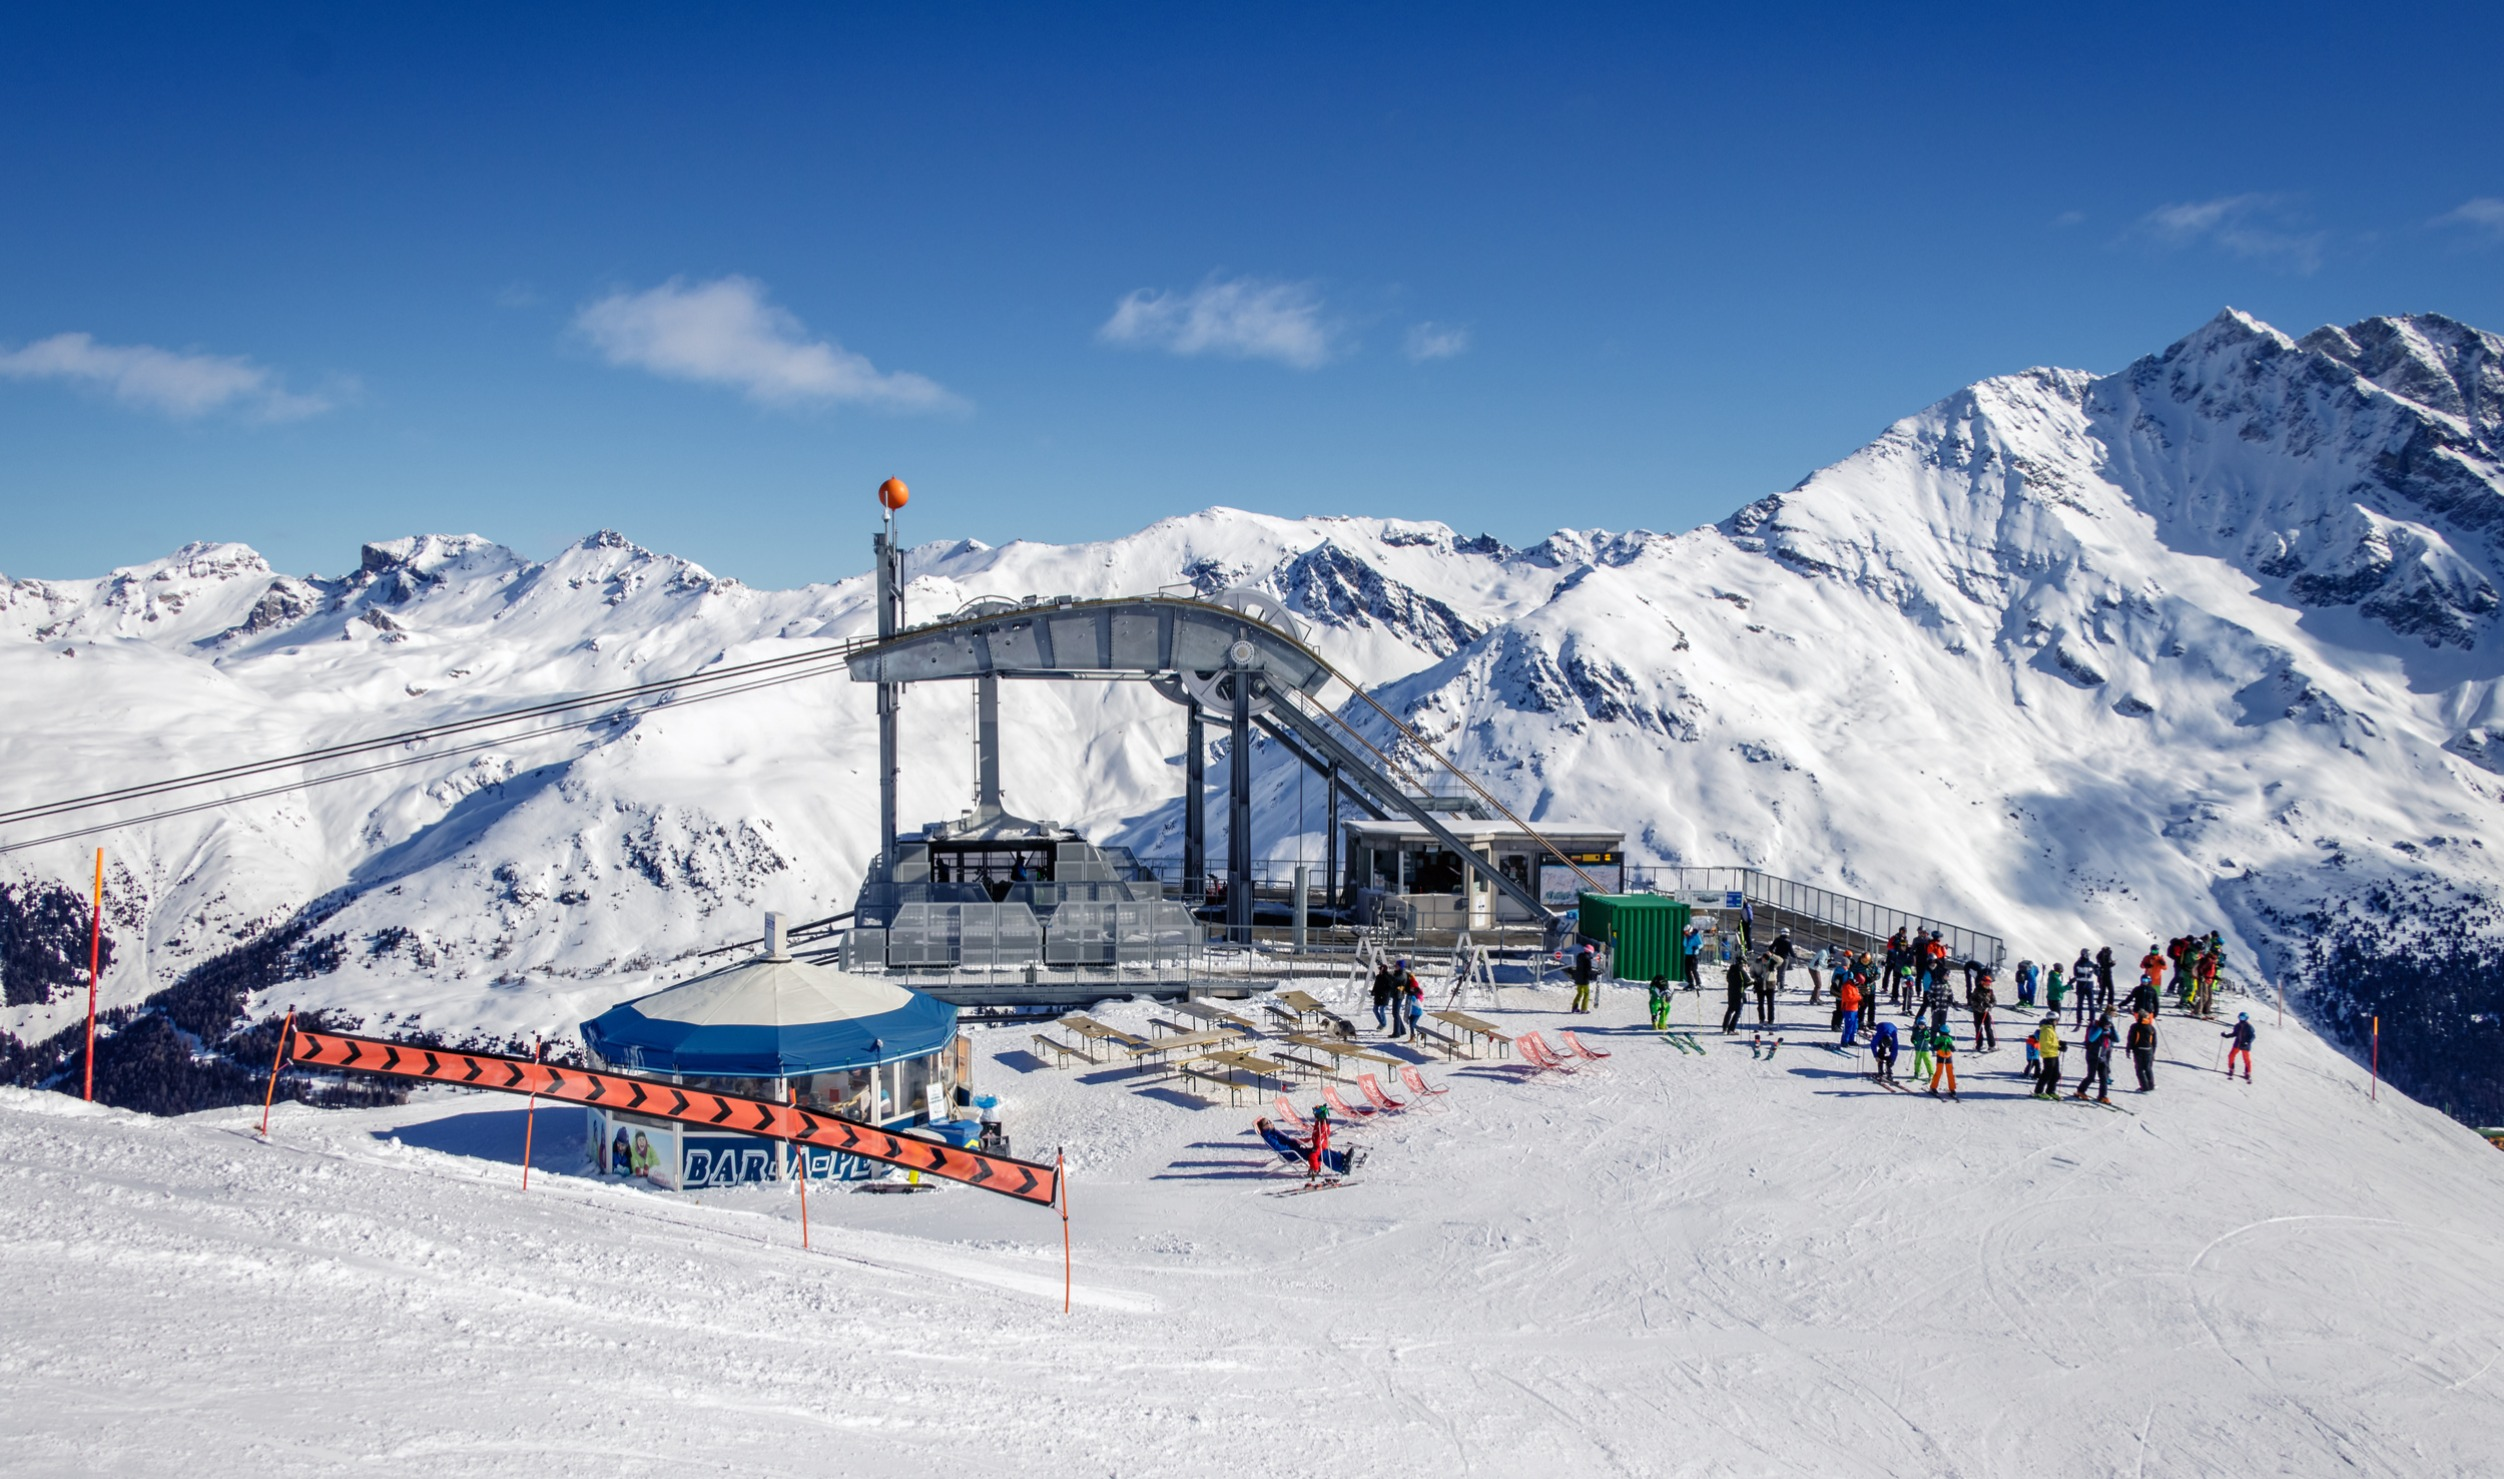 Grimentz Skiing